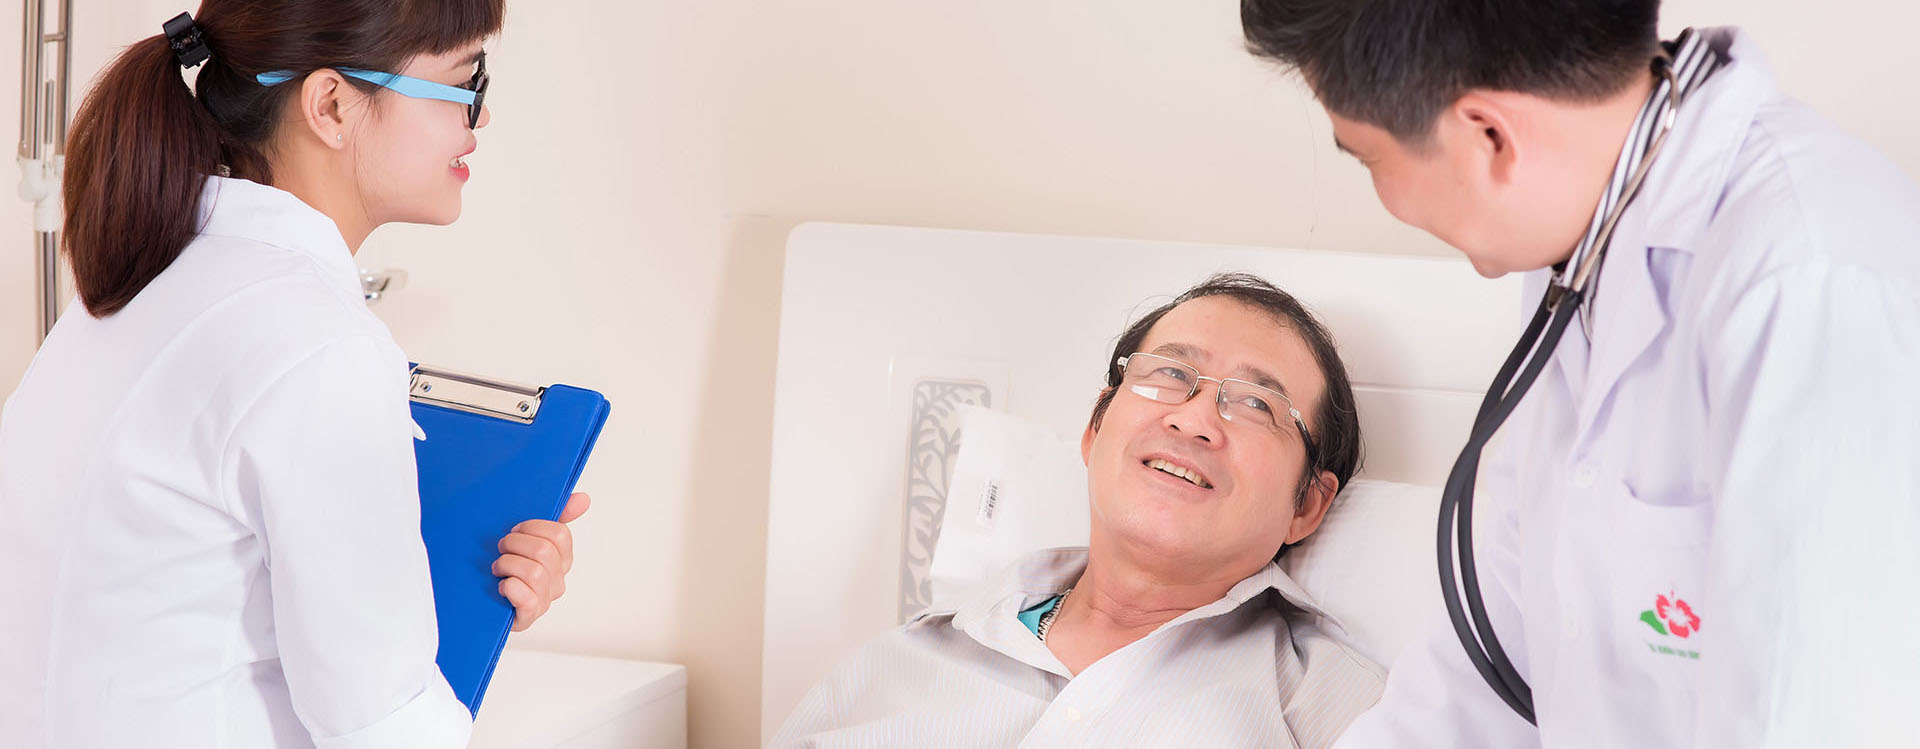 Chăm sóc người bệnh ung thư tại nhà